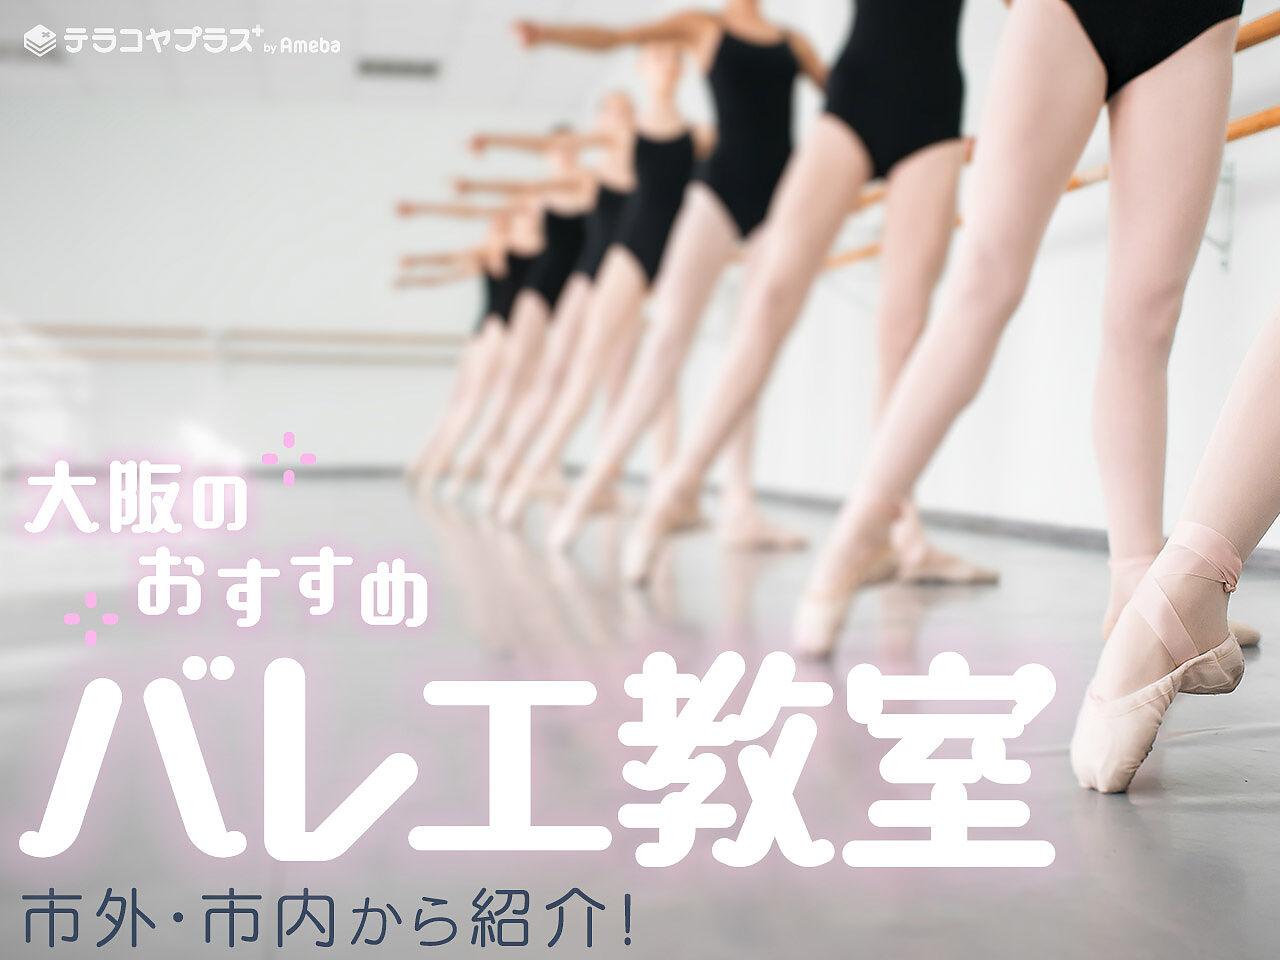 大阪の子ども向けバレエ教室おすすめ19選【2021年】市外・市内の人気スタジオも紹介!の画像